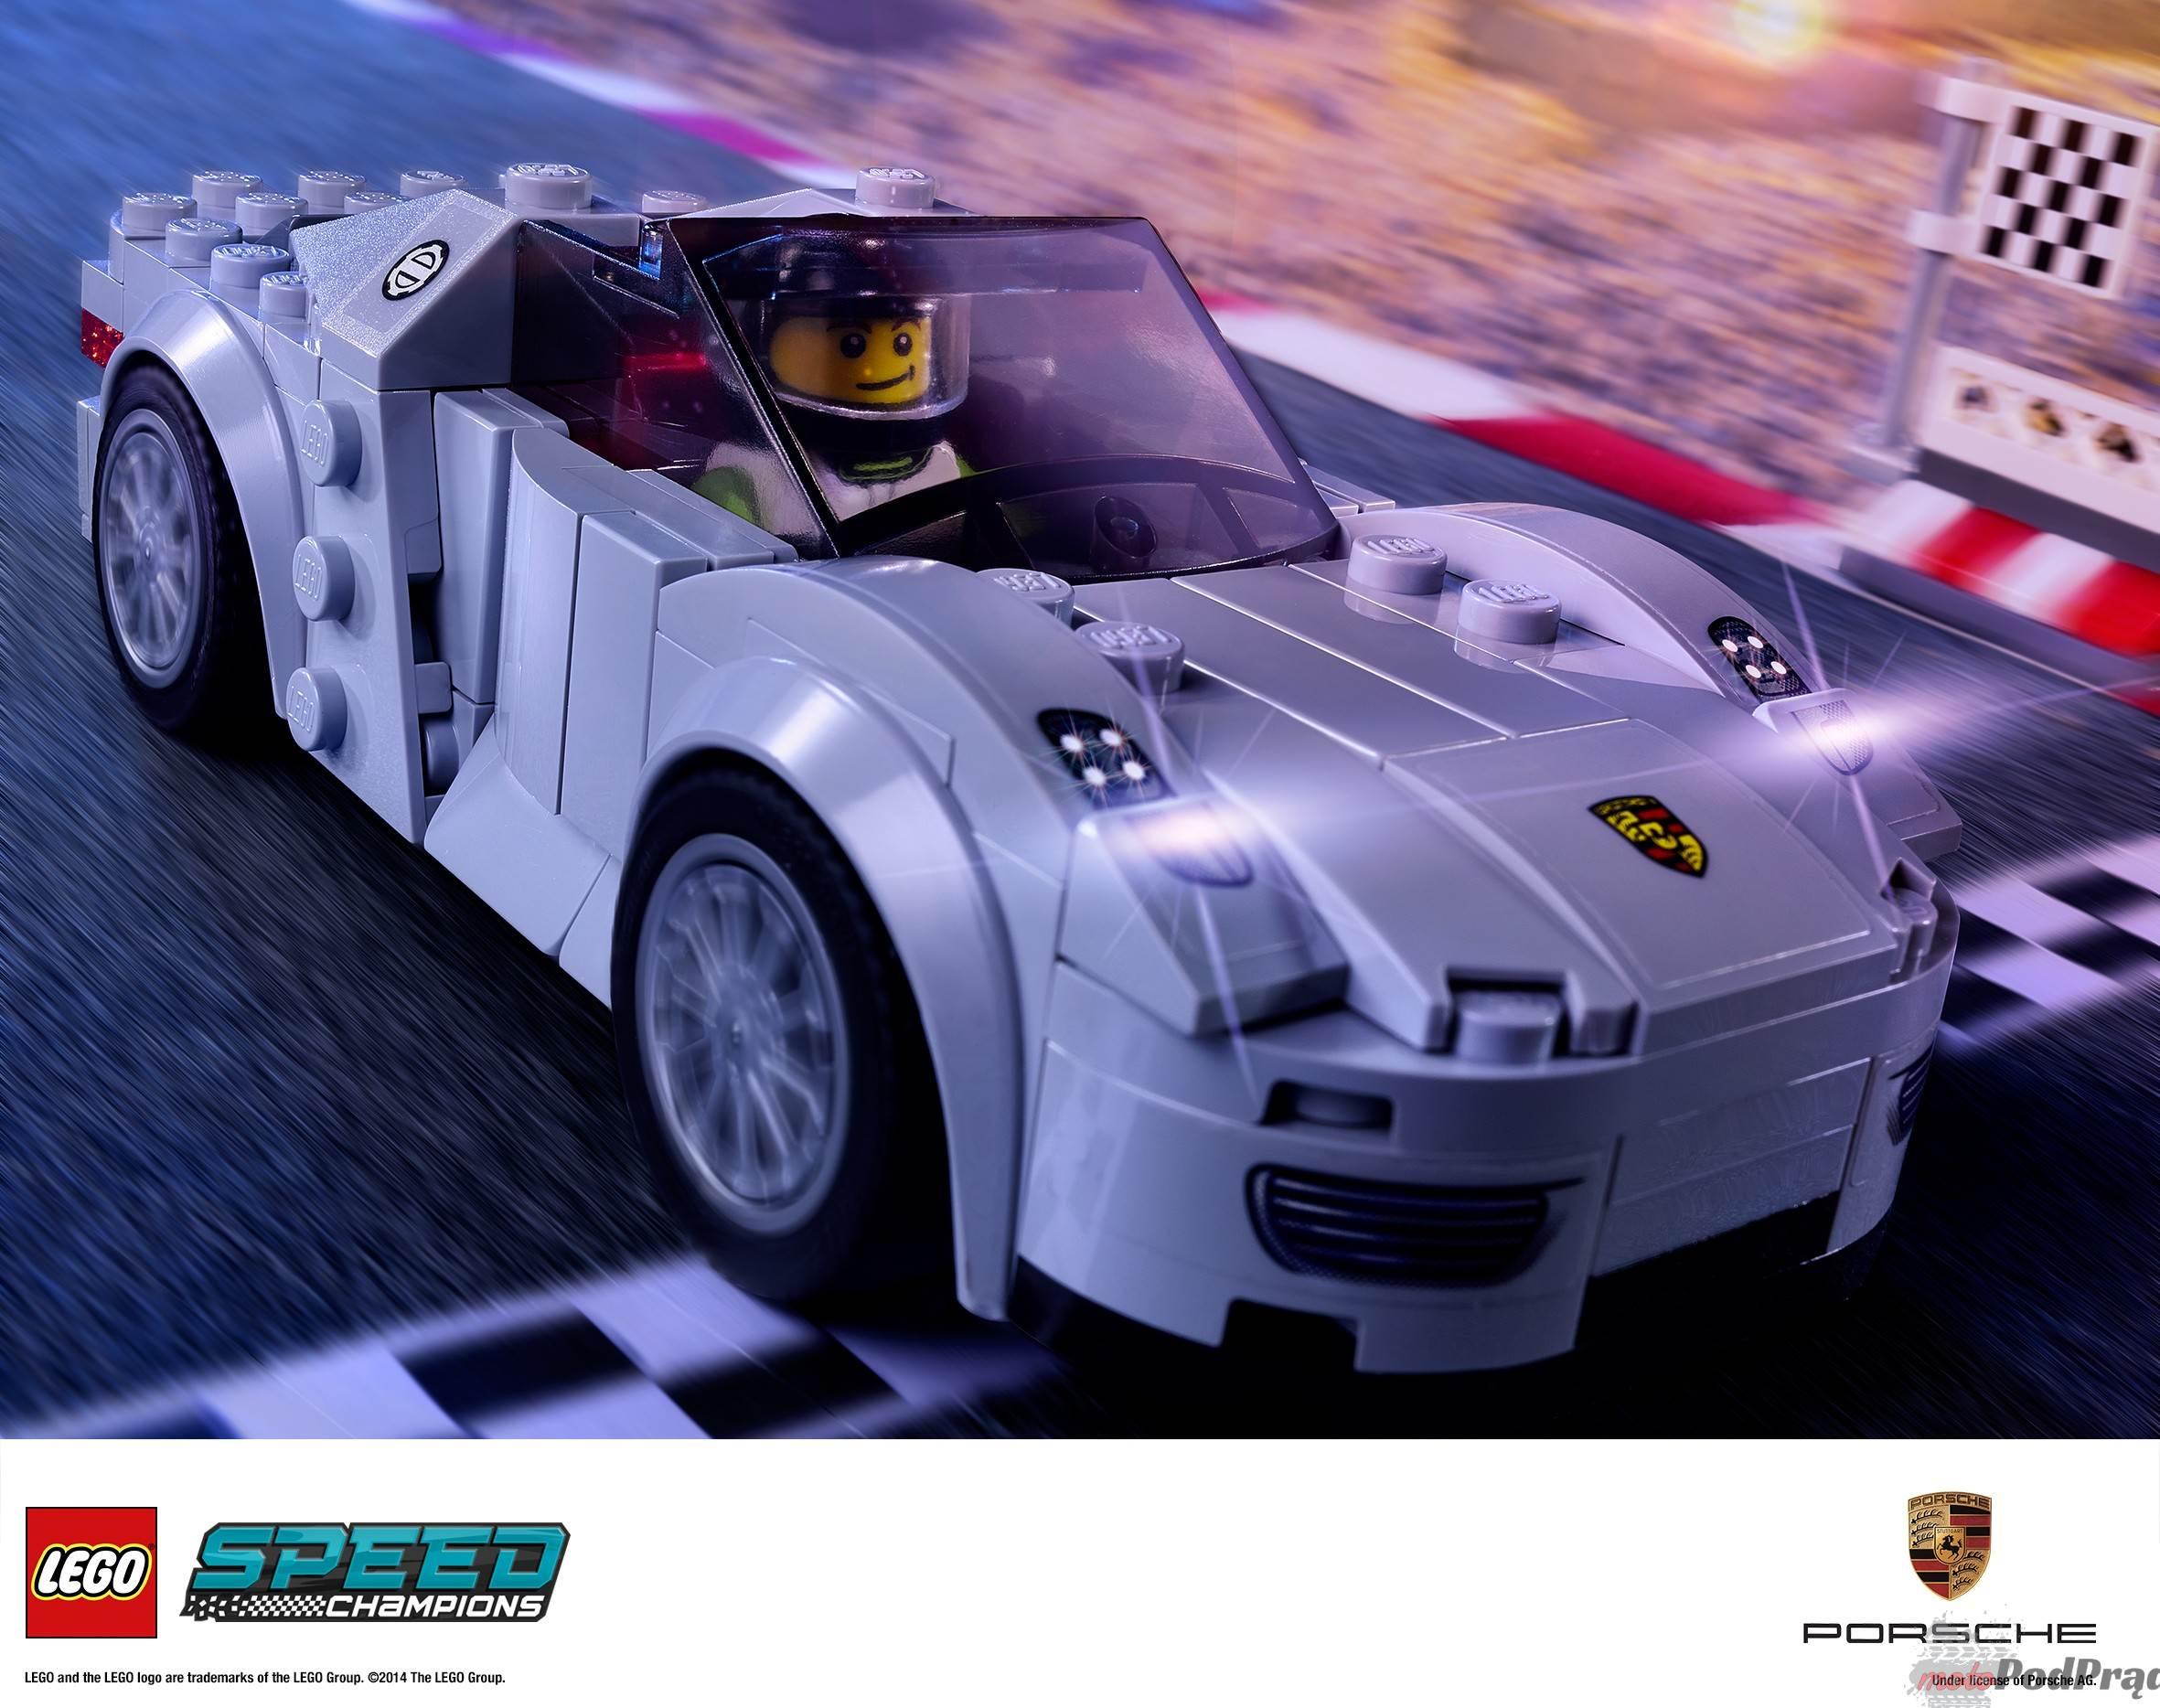 LSC 2HY2014 prod 75910 Porsche, Ferrari i McLaren w wersji LEGO!